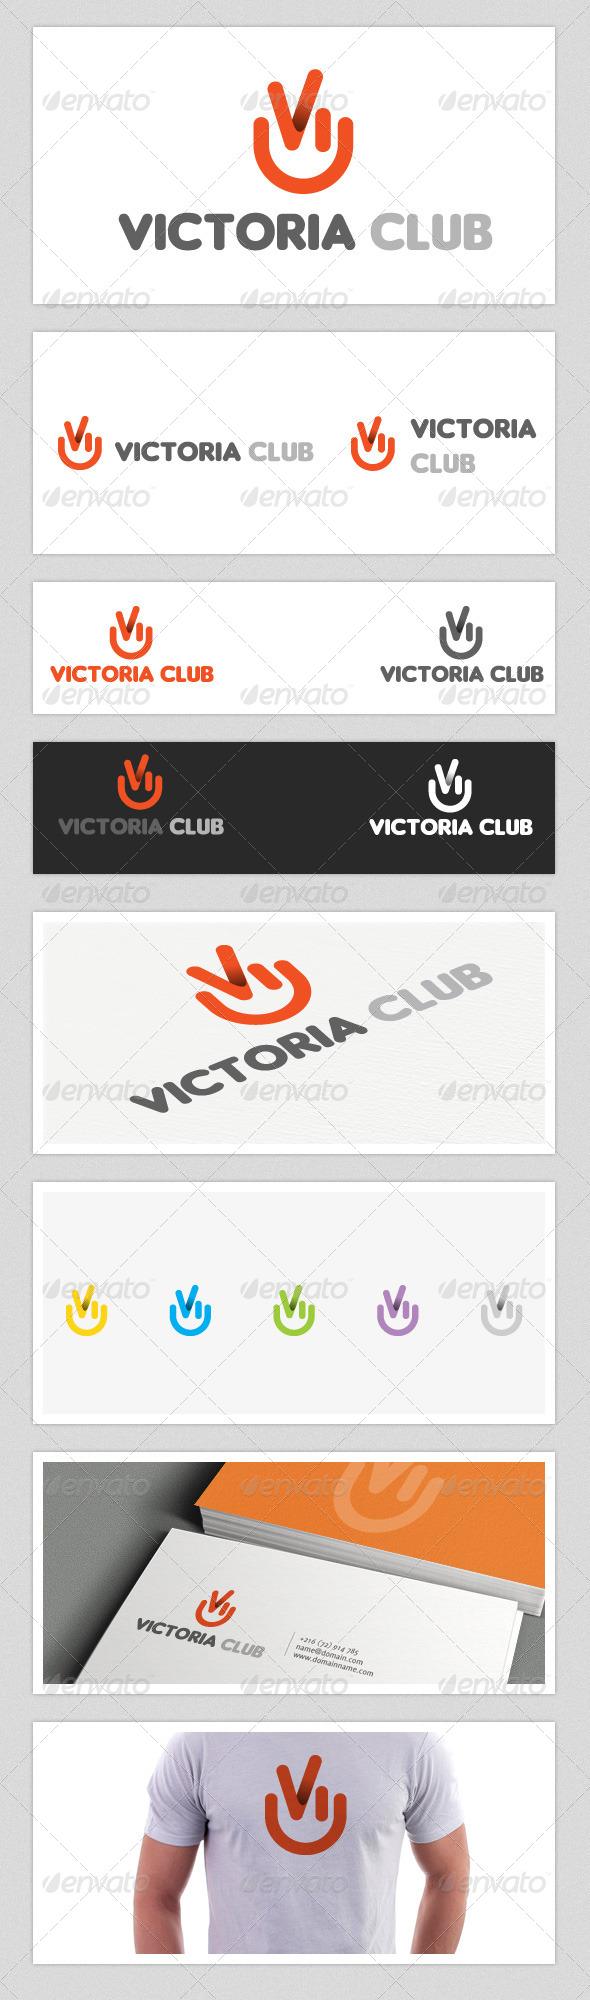 GraphicRiver Victoria Club Logo 4380028